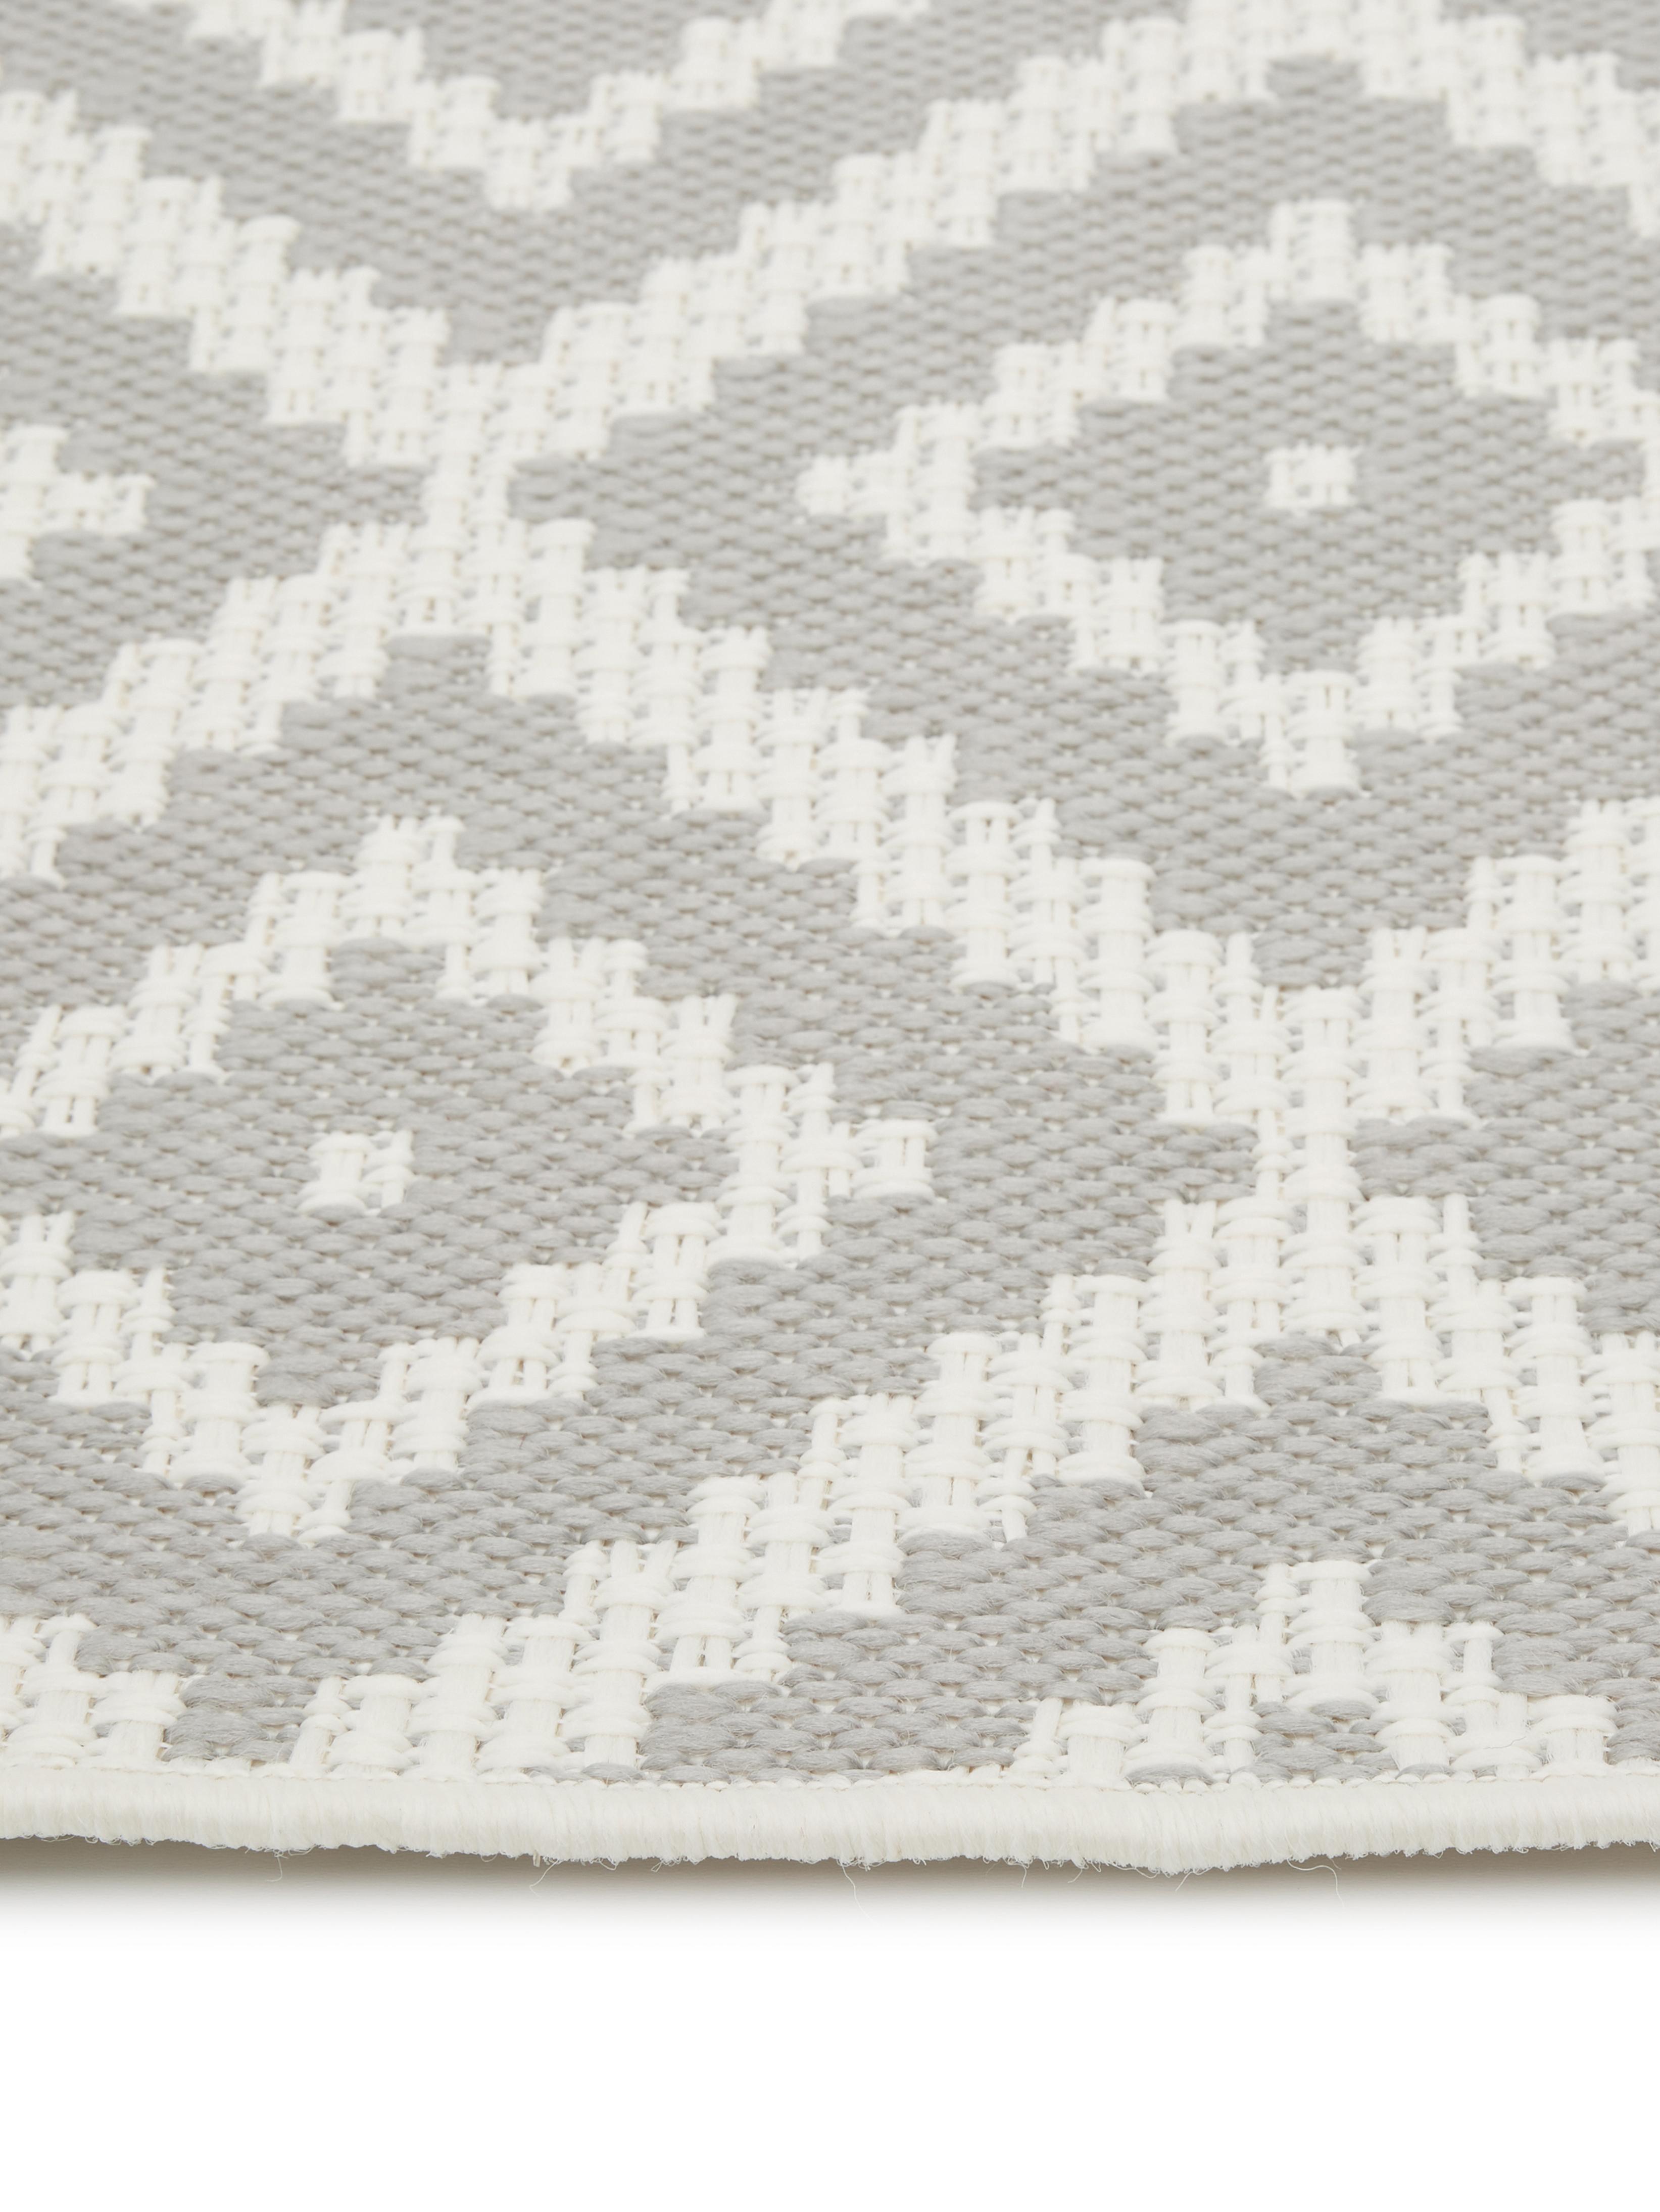 Tappeto da interno-esterno Miami, Retro: poliestere, Bianco crema, grigio, Larg. 80 x Lung. 150 cm (taglia XS)